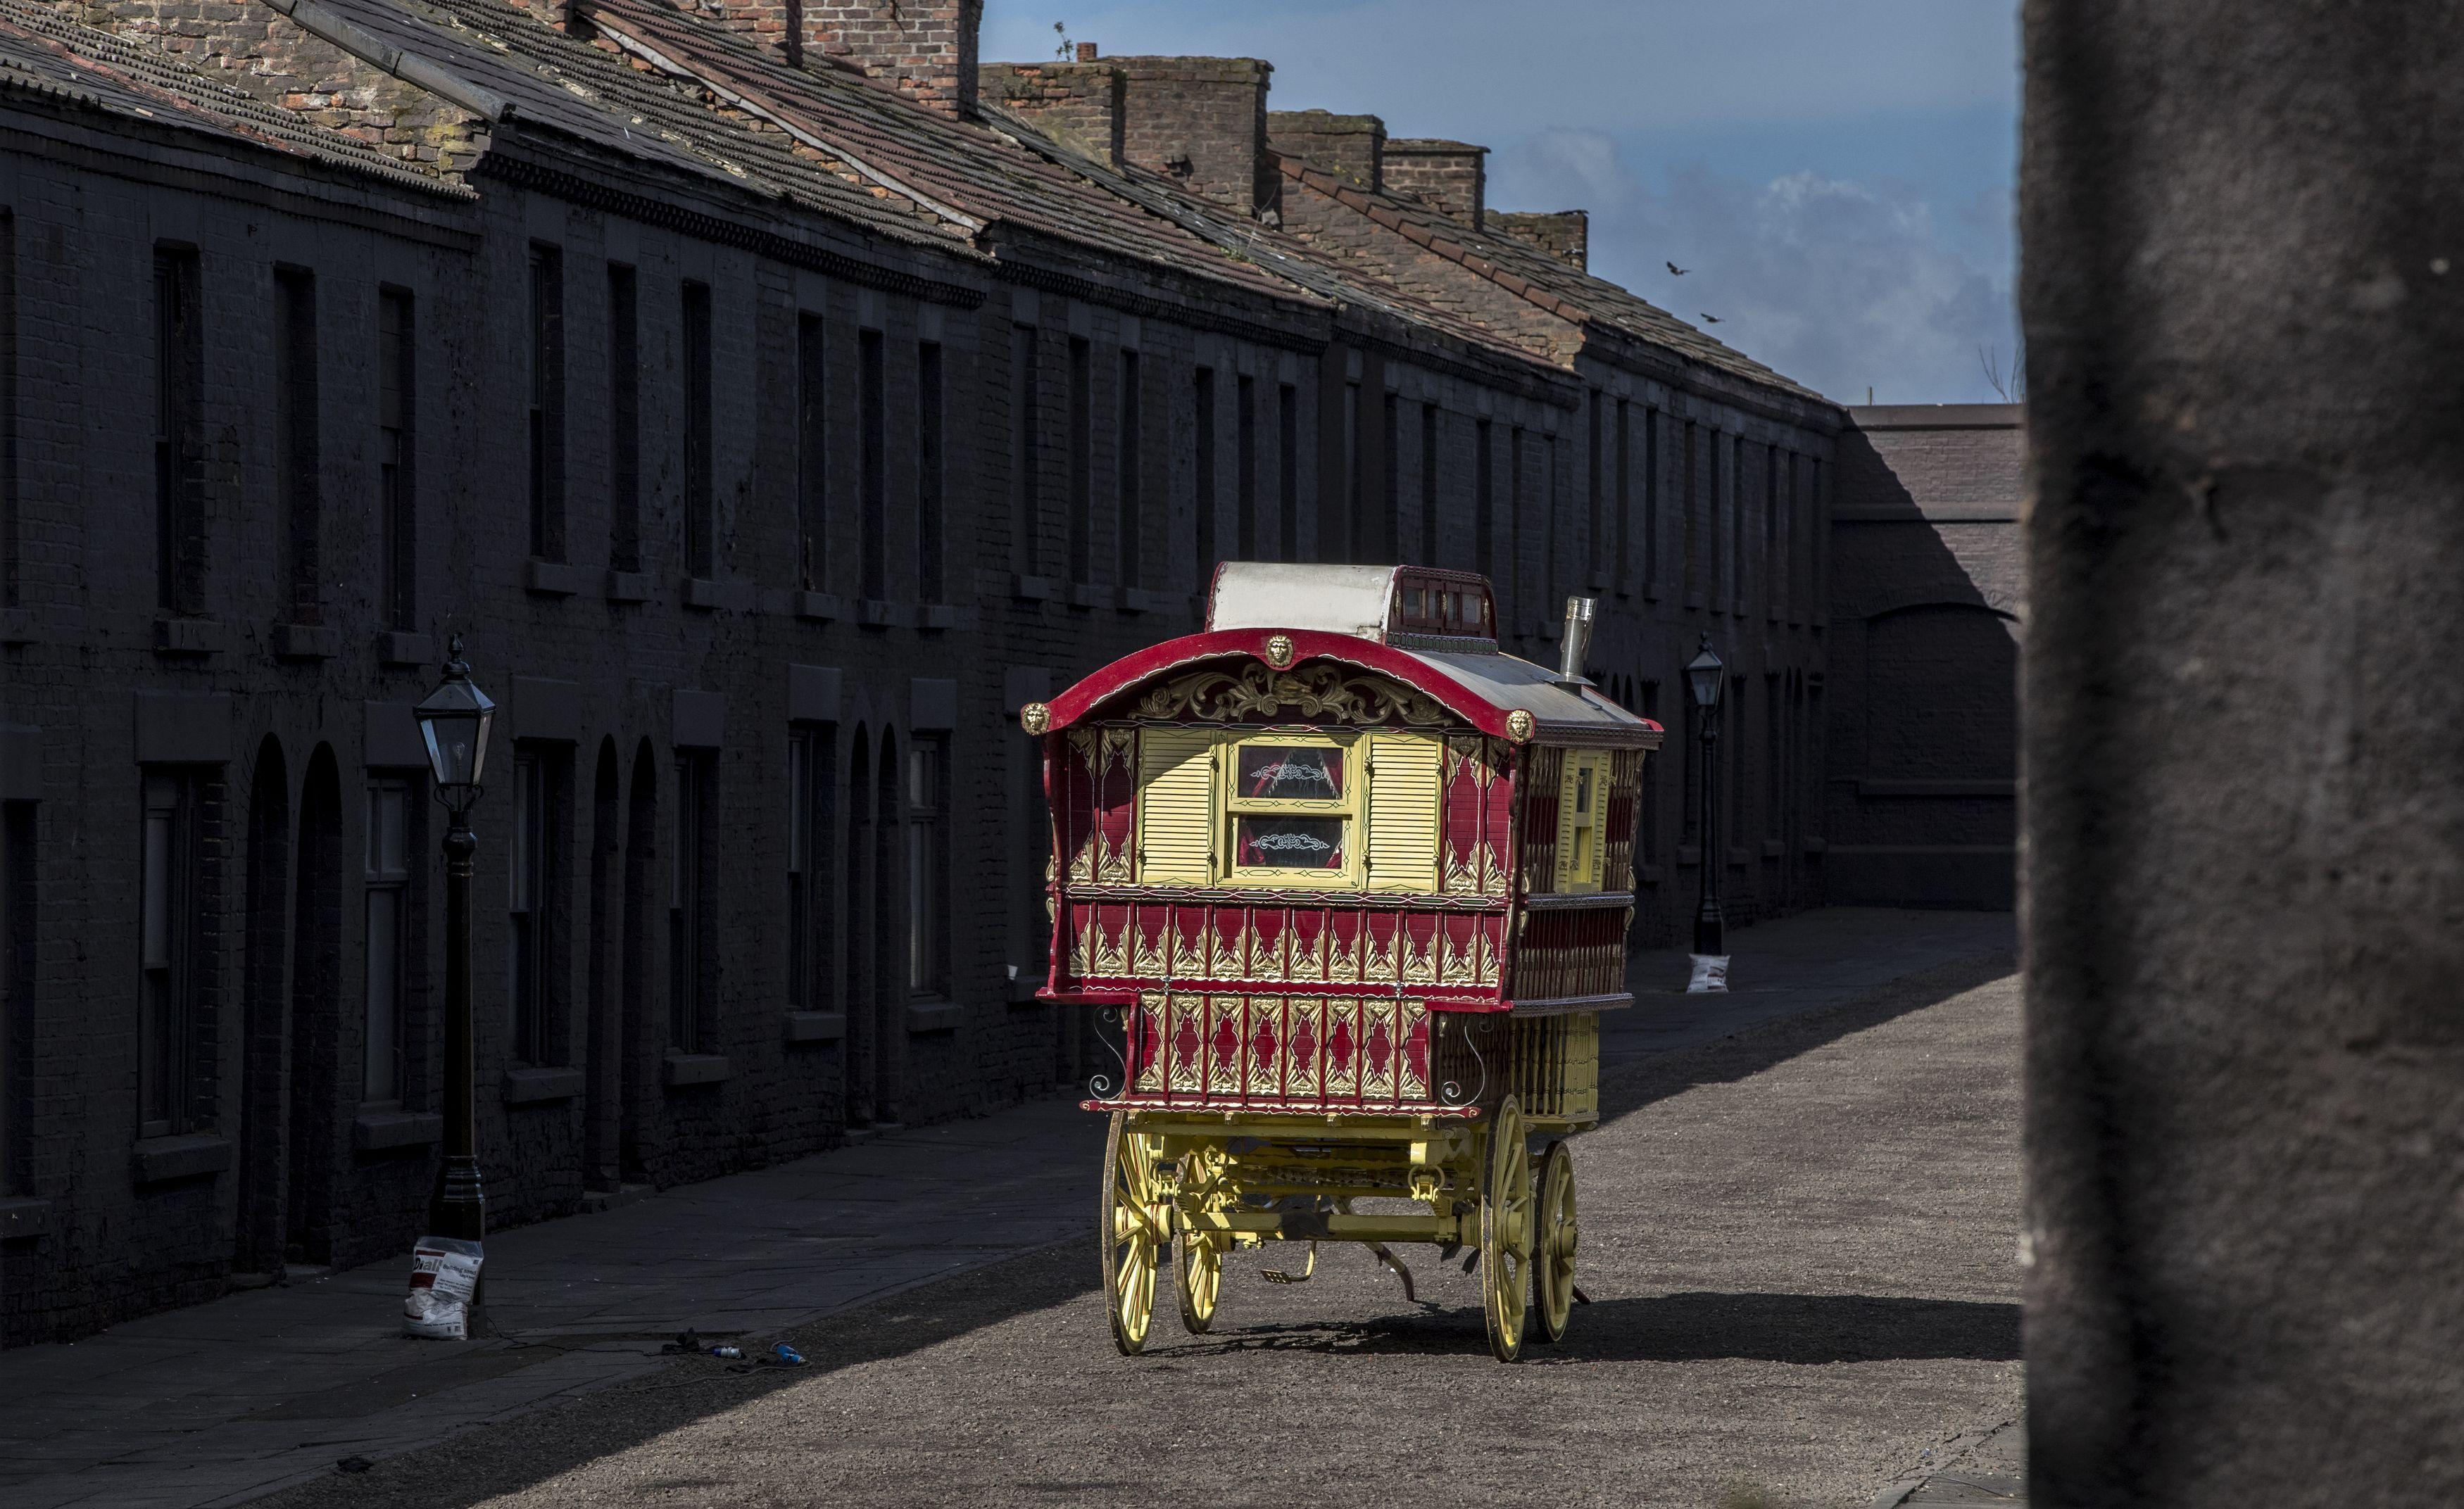 'Peaky Blinders' set in Liverpool. Credit: PA